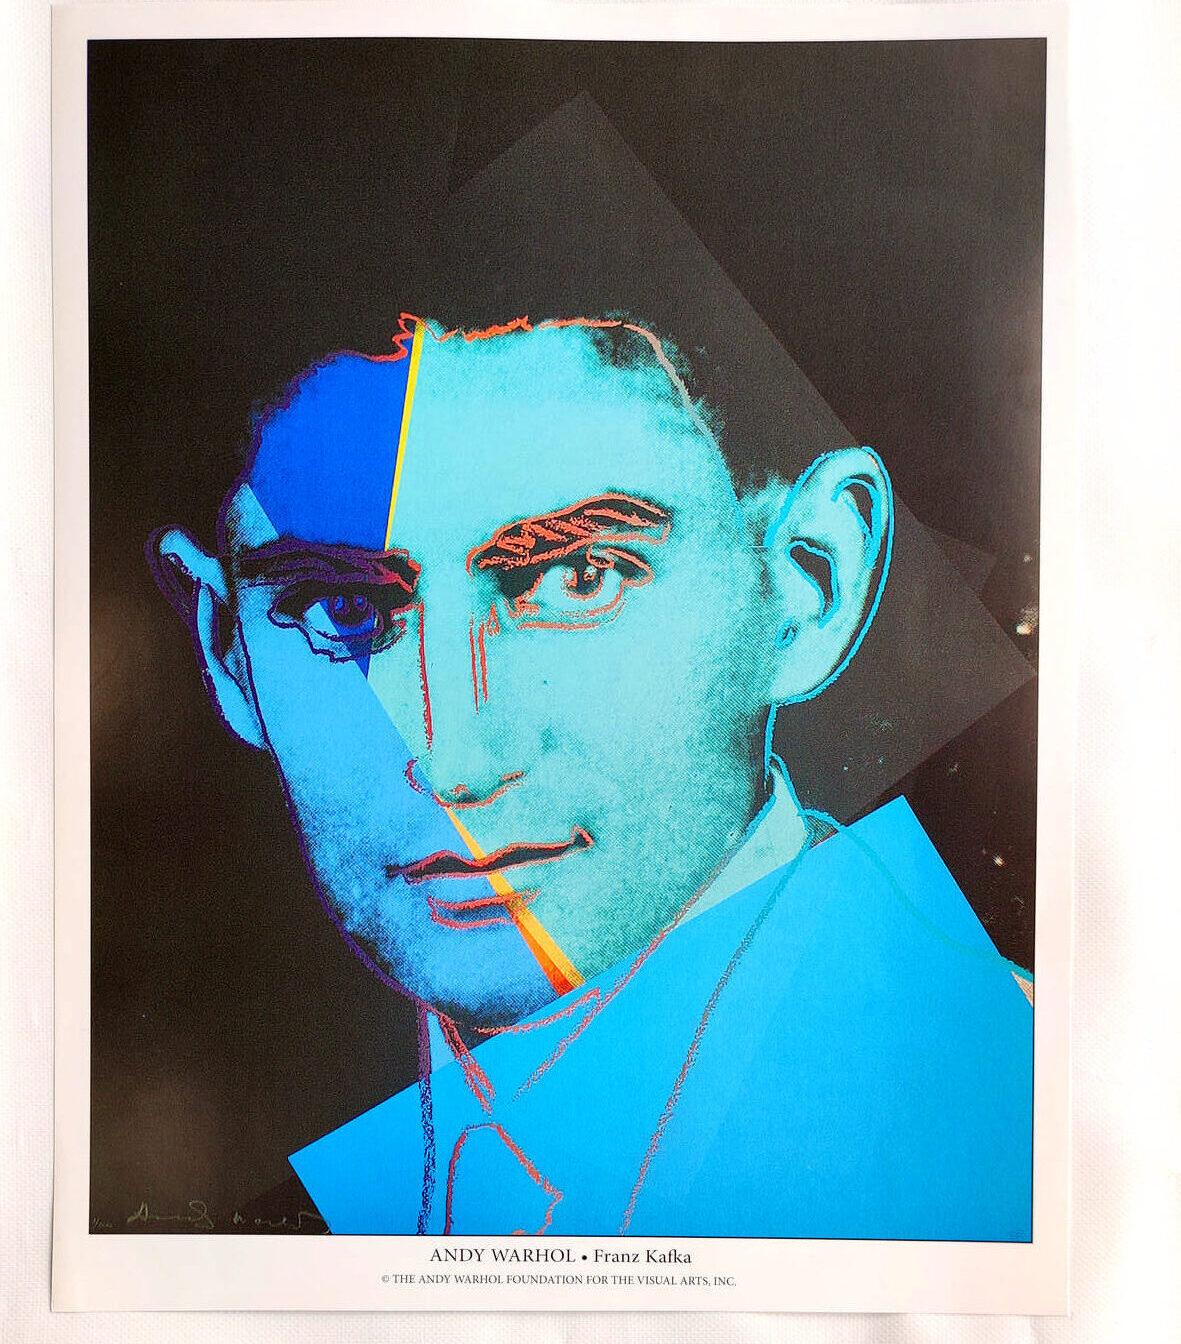 Andy Warhol - Franz Kafka - (c) the Andy Warhol Foundation for The Visual Arts, Inc., Kunstposter mit Spnede für gemeinnütziges Engagement, mit freundlicher Genehmigung der AKIM e.V.